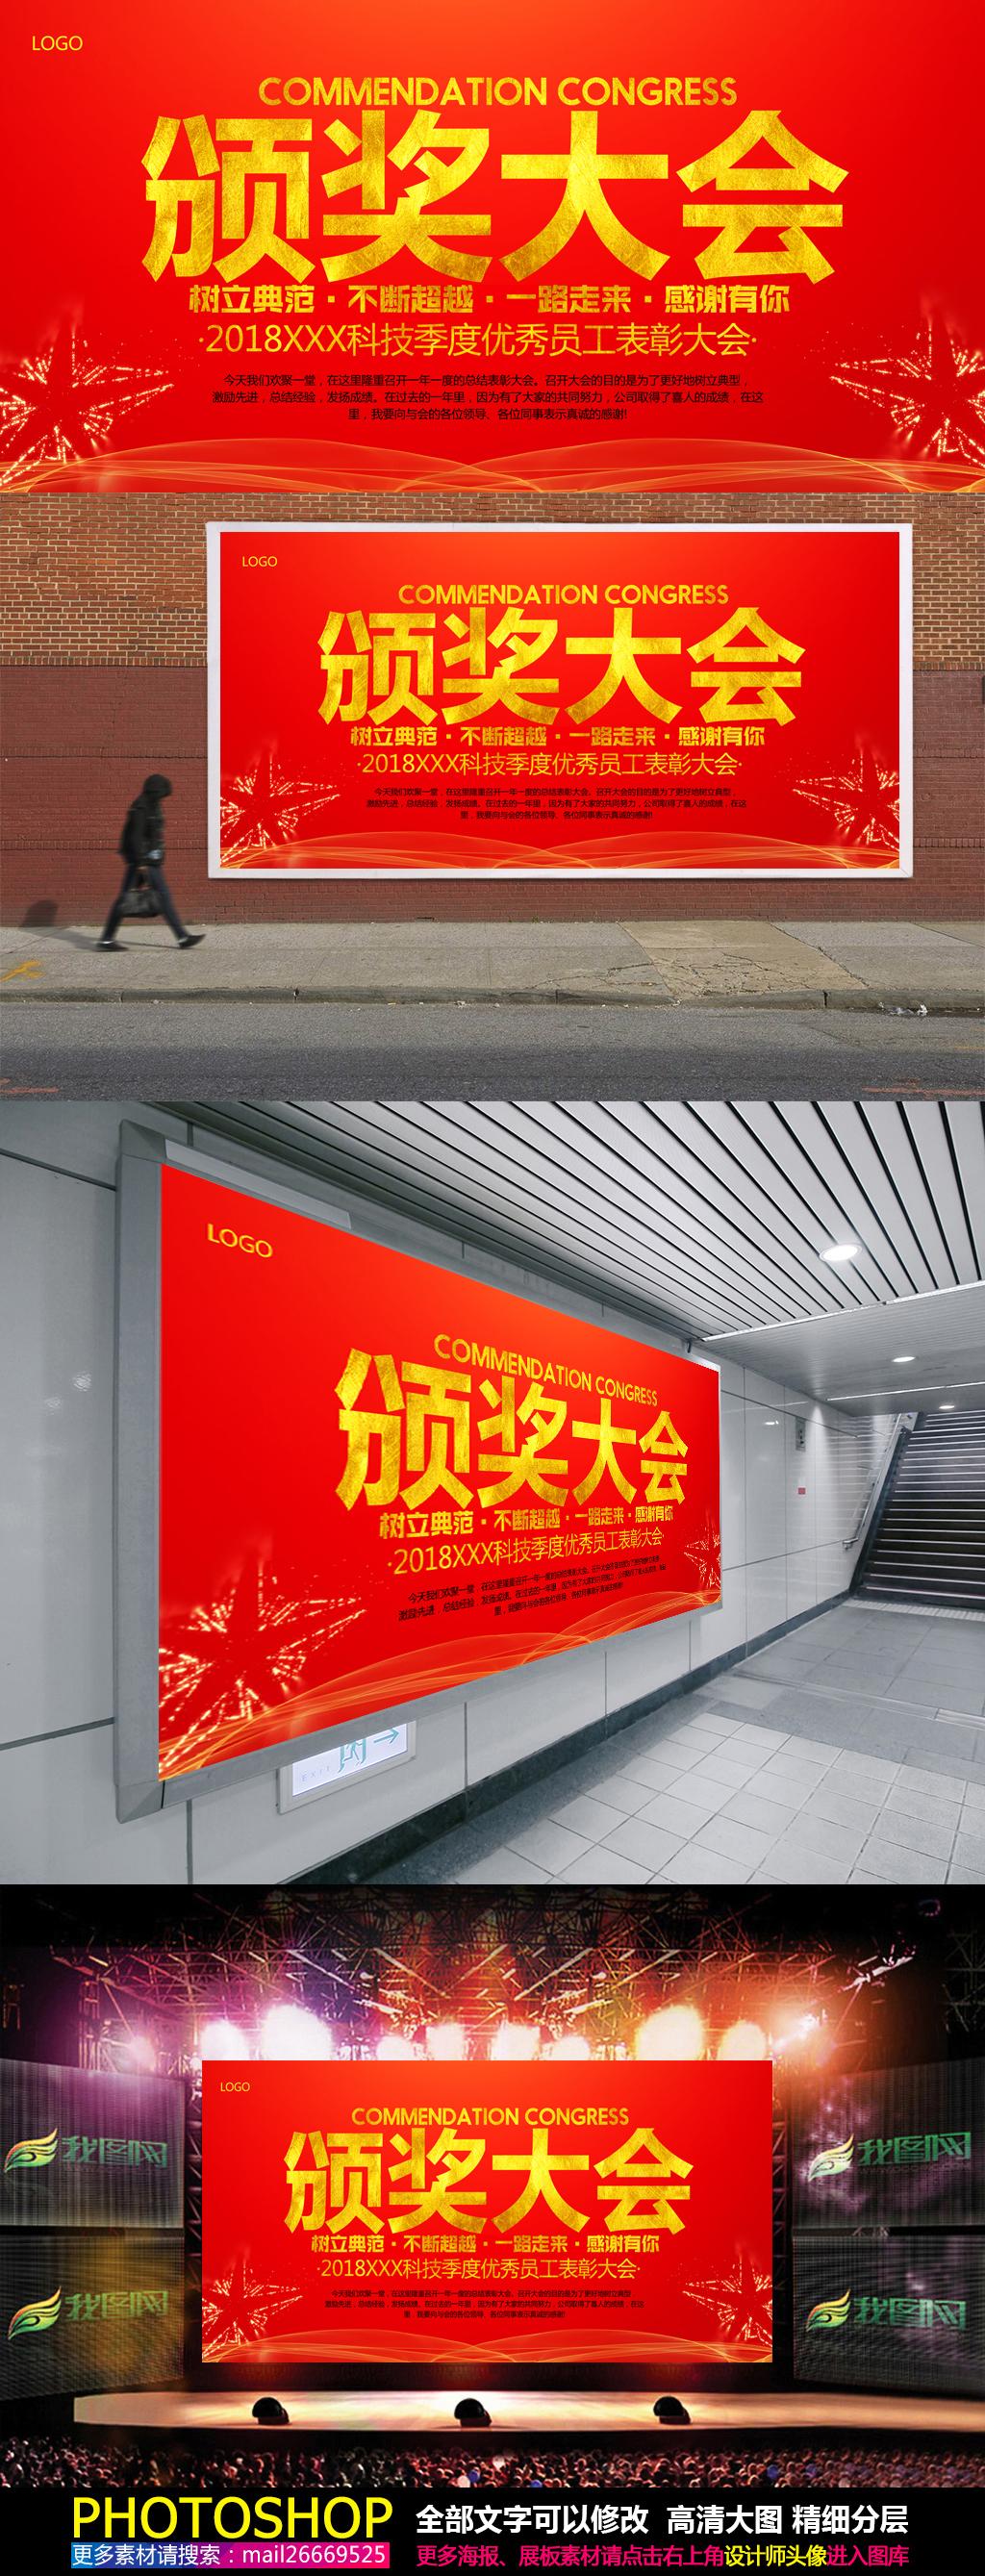 表彰大会颁奖典礼晚会背景海报模板下载(图片编号:)